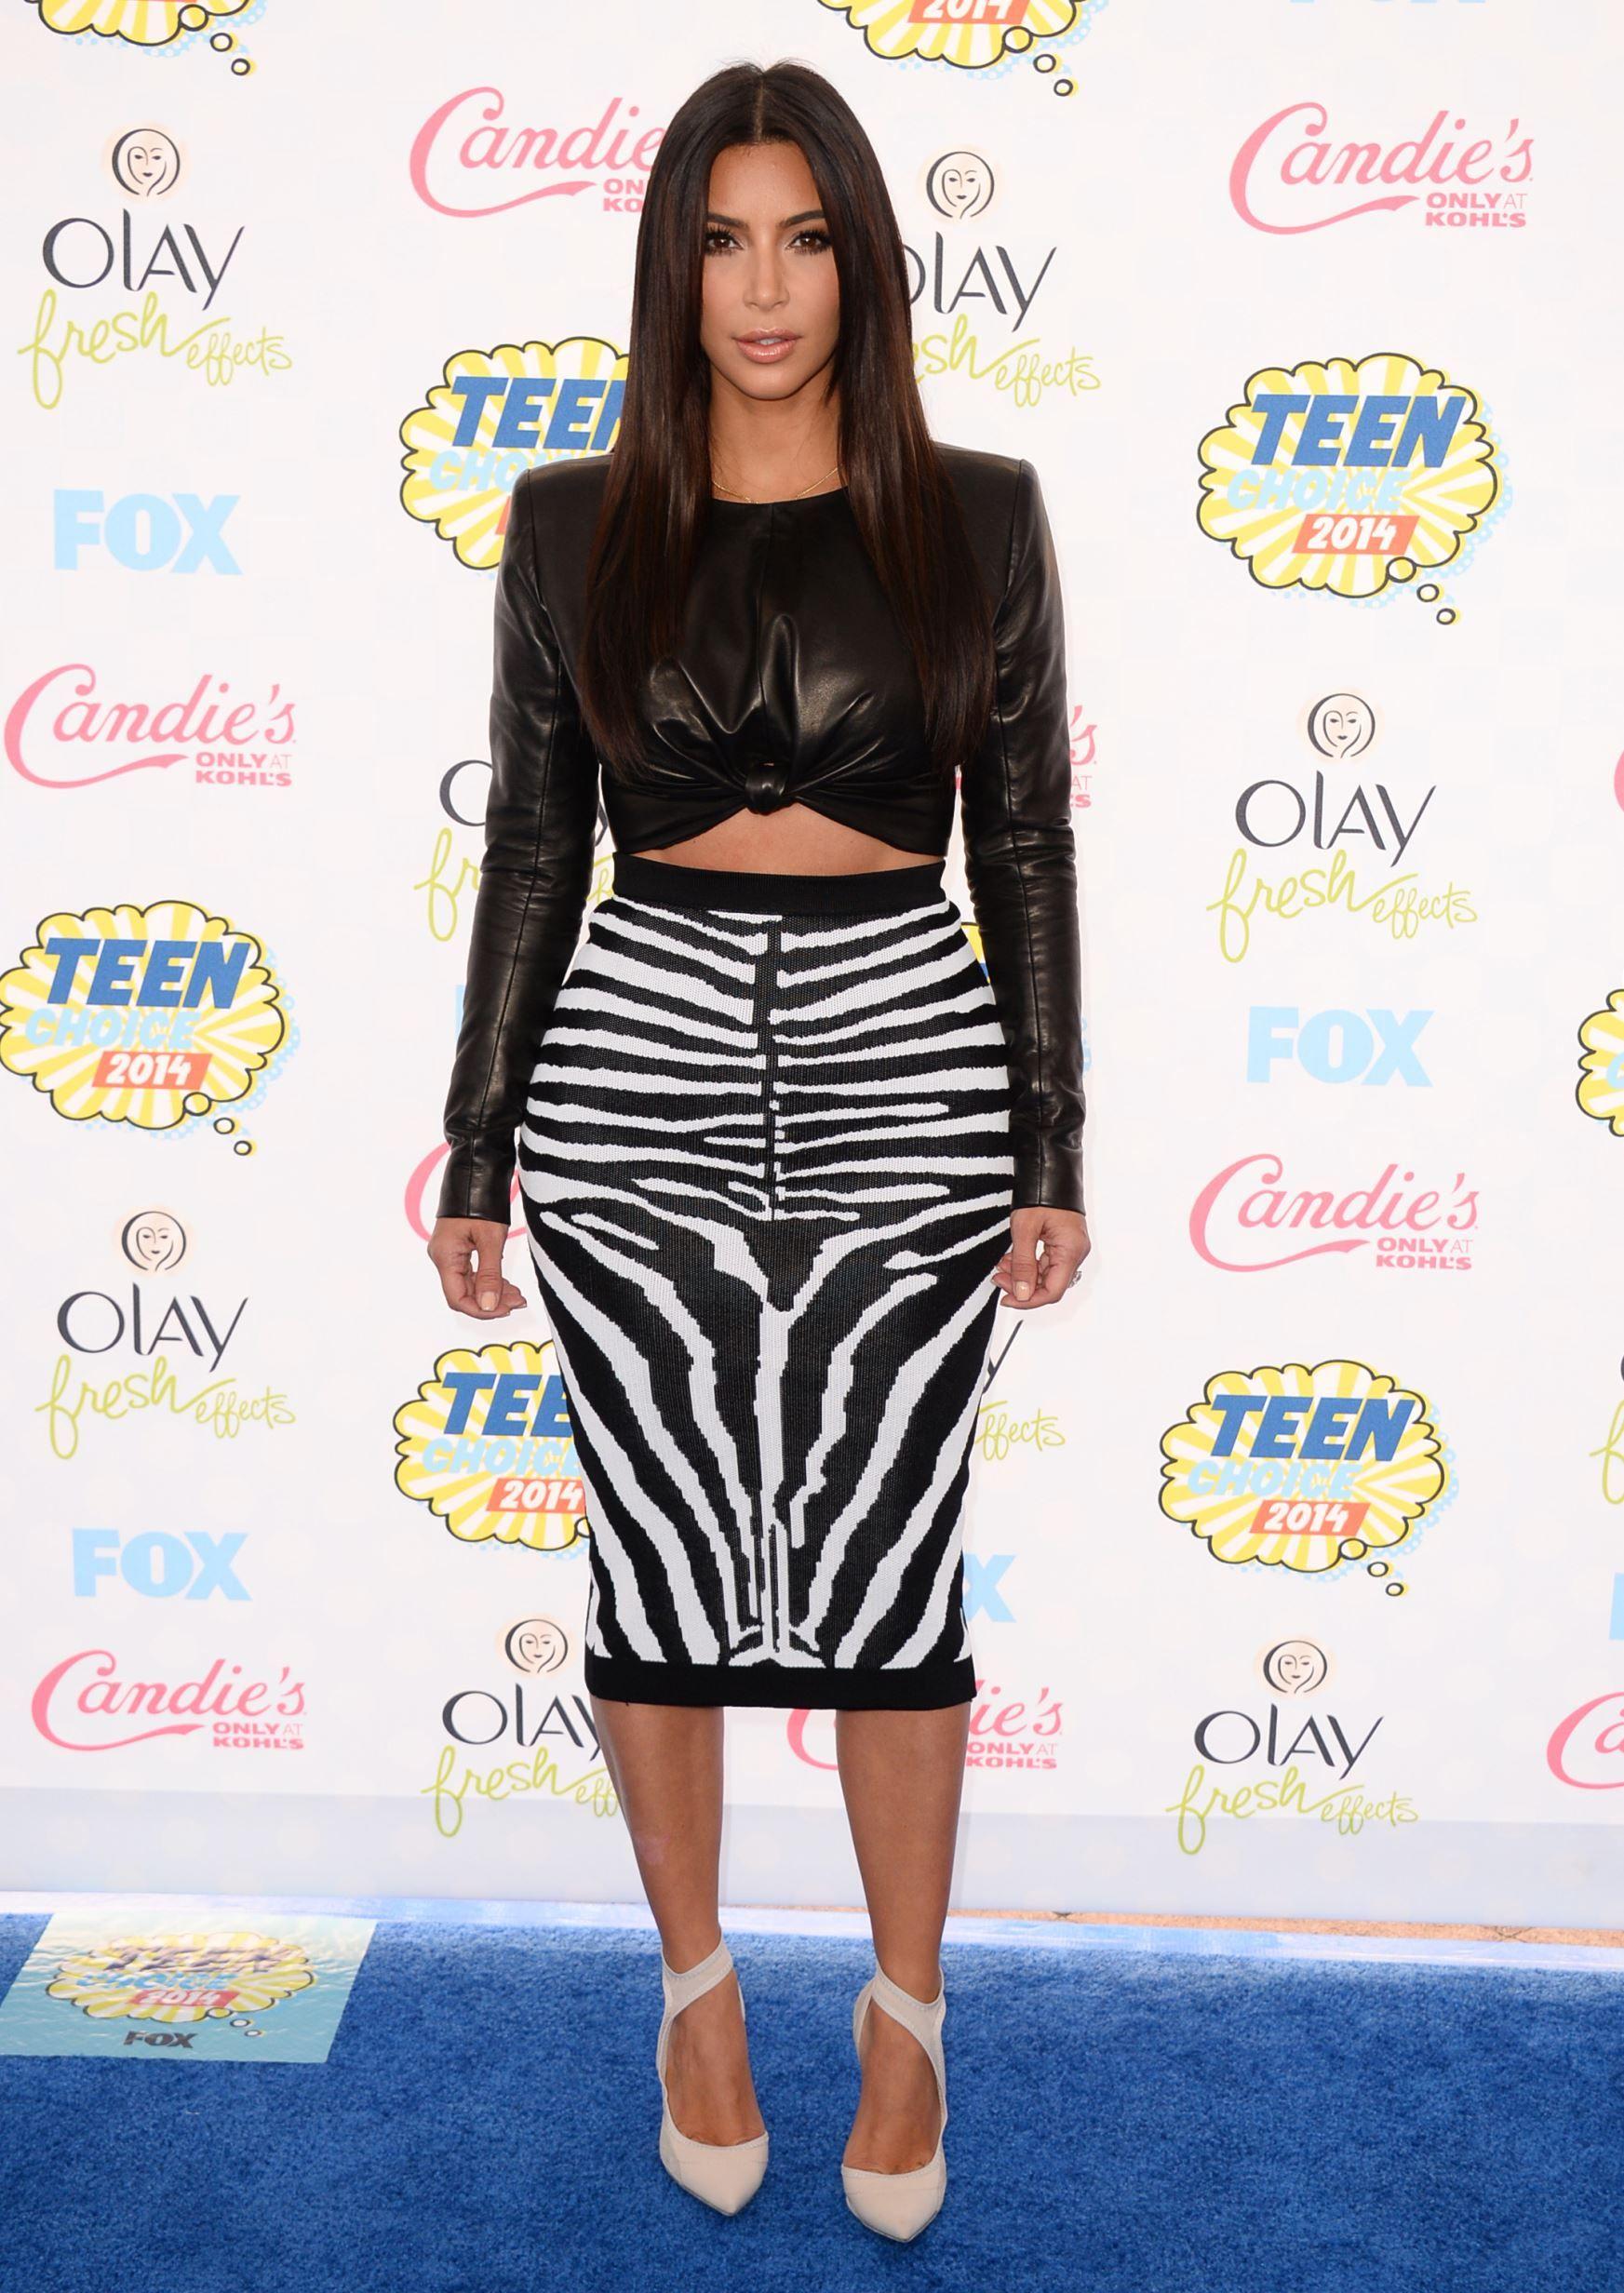 Kim kardashian westus leather looks kardashian leather and check